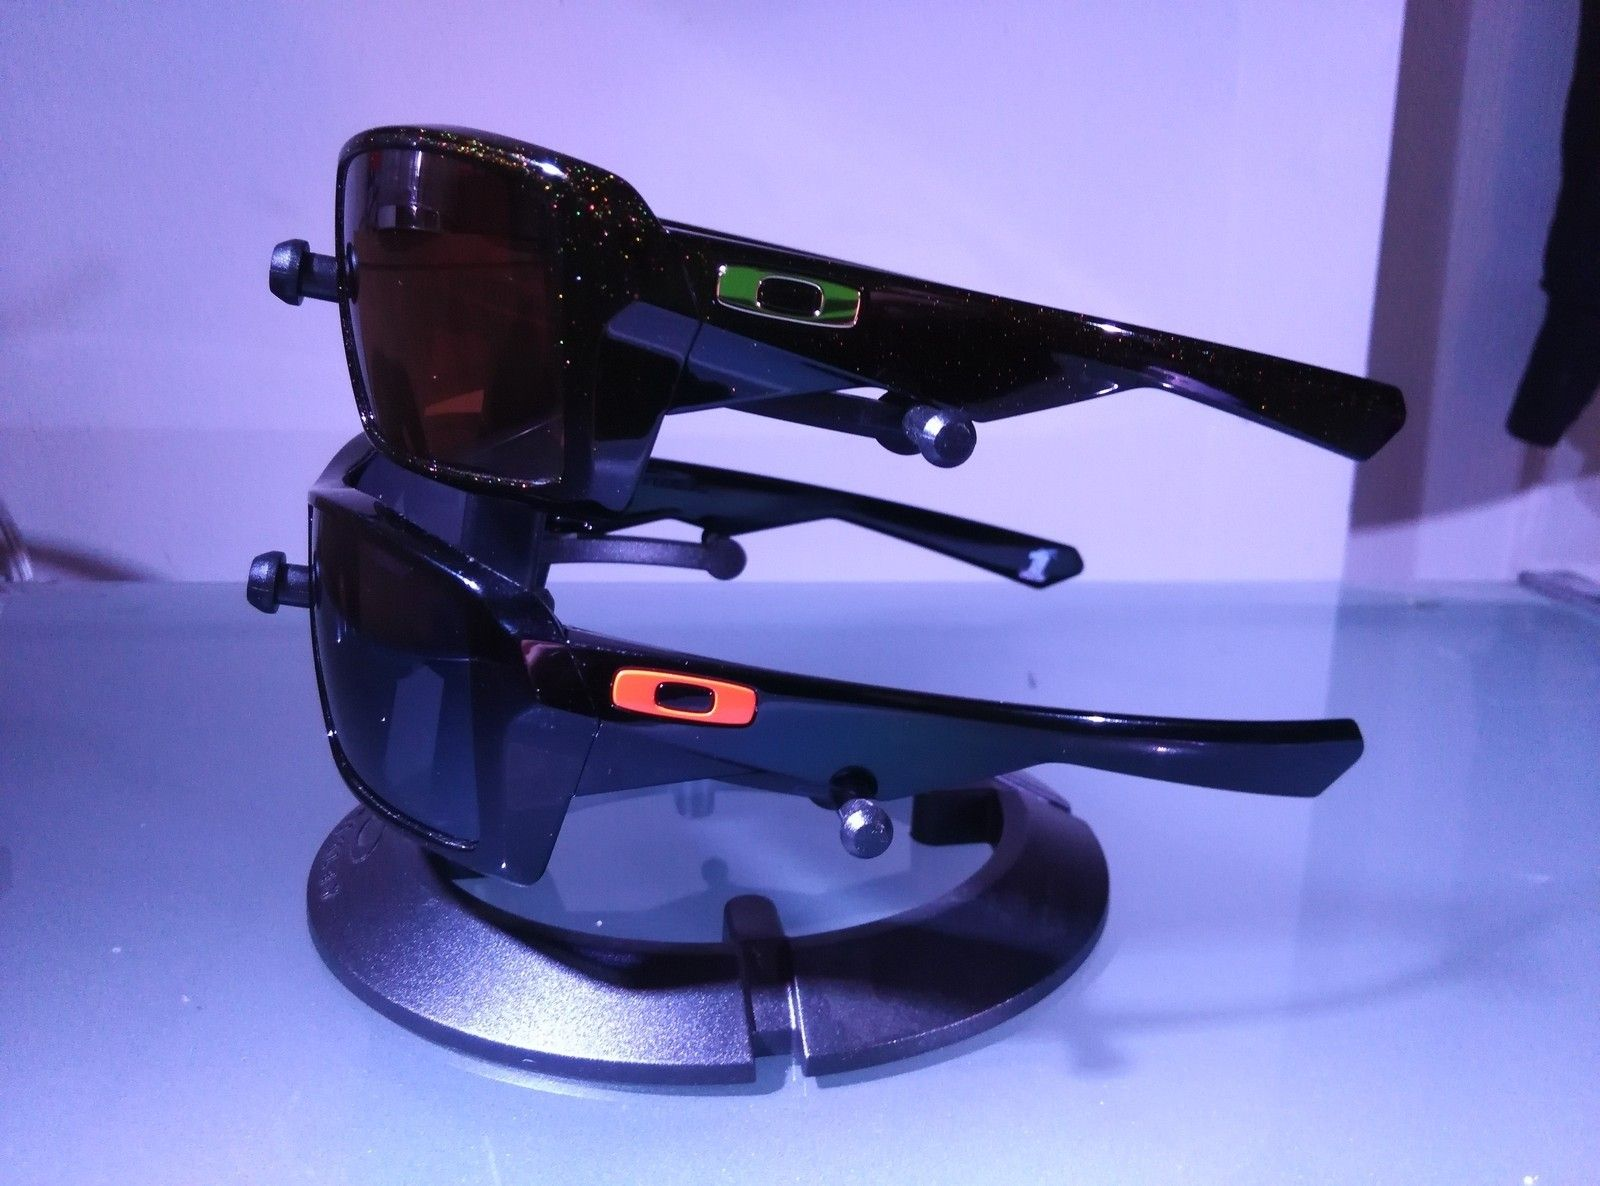 NICKY HAYDEN Eyepatch & Brown Sugar Eyepatch - IMG_20150418_213719.jpg